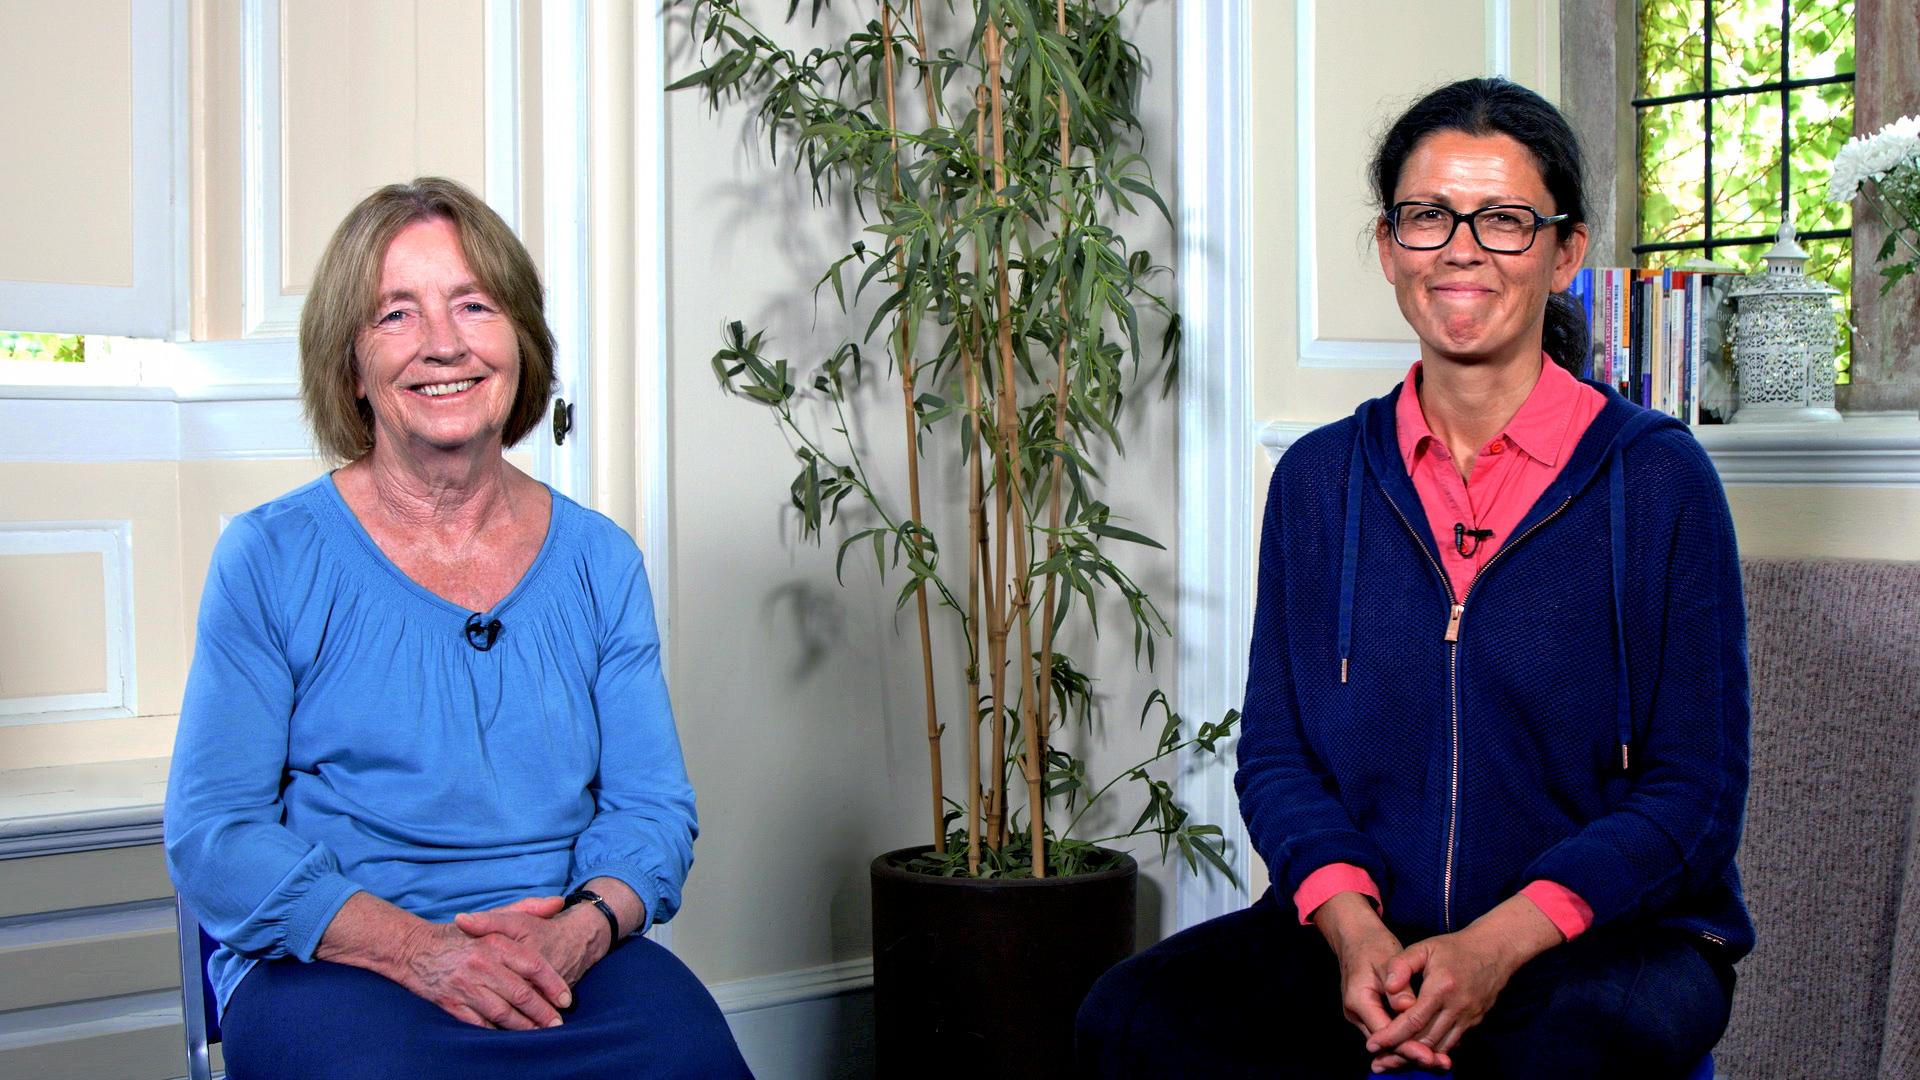 Christina Feldman and Jaya Rudgard